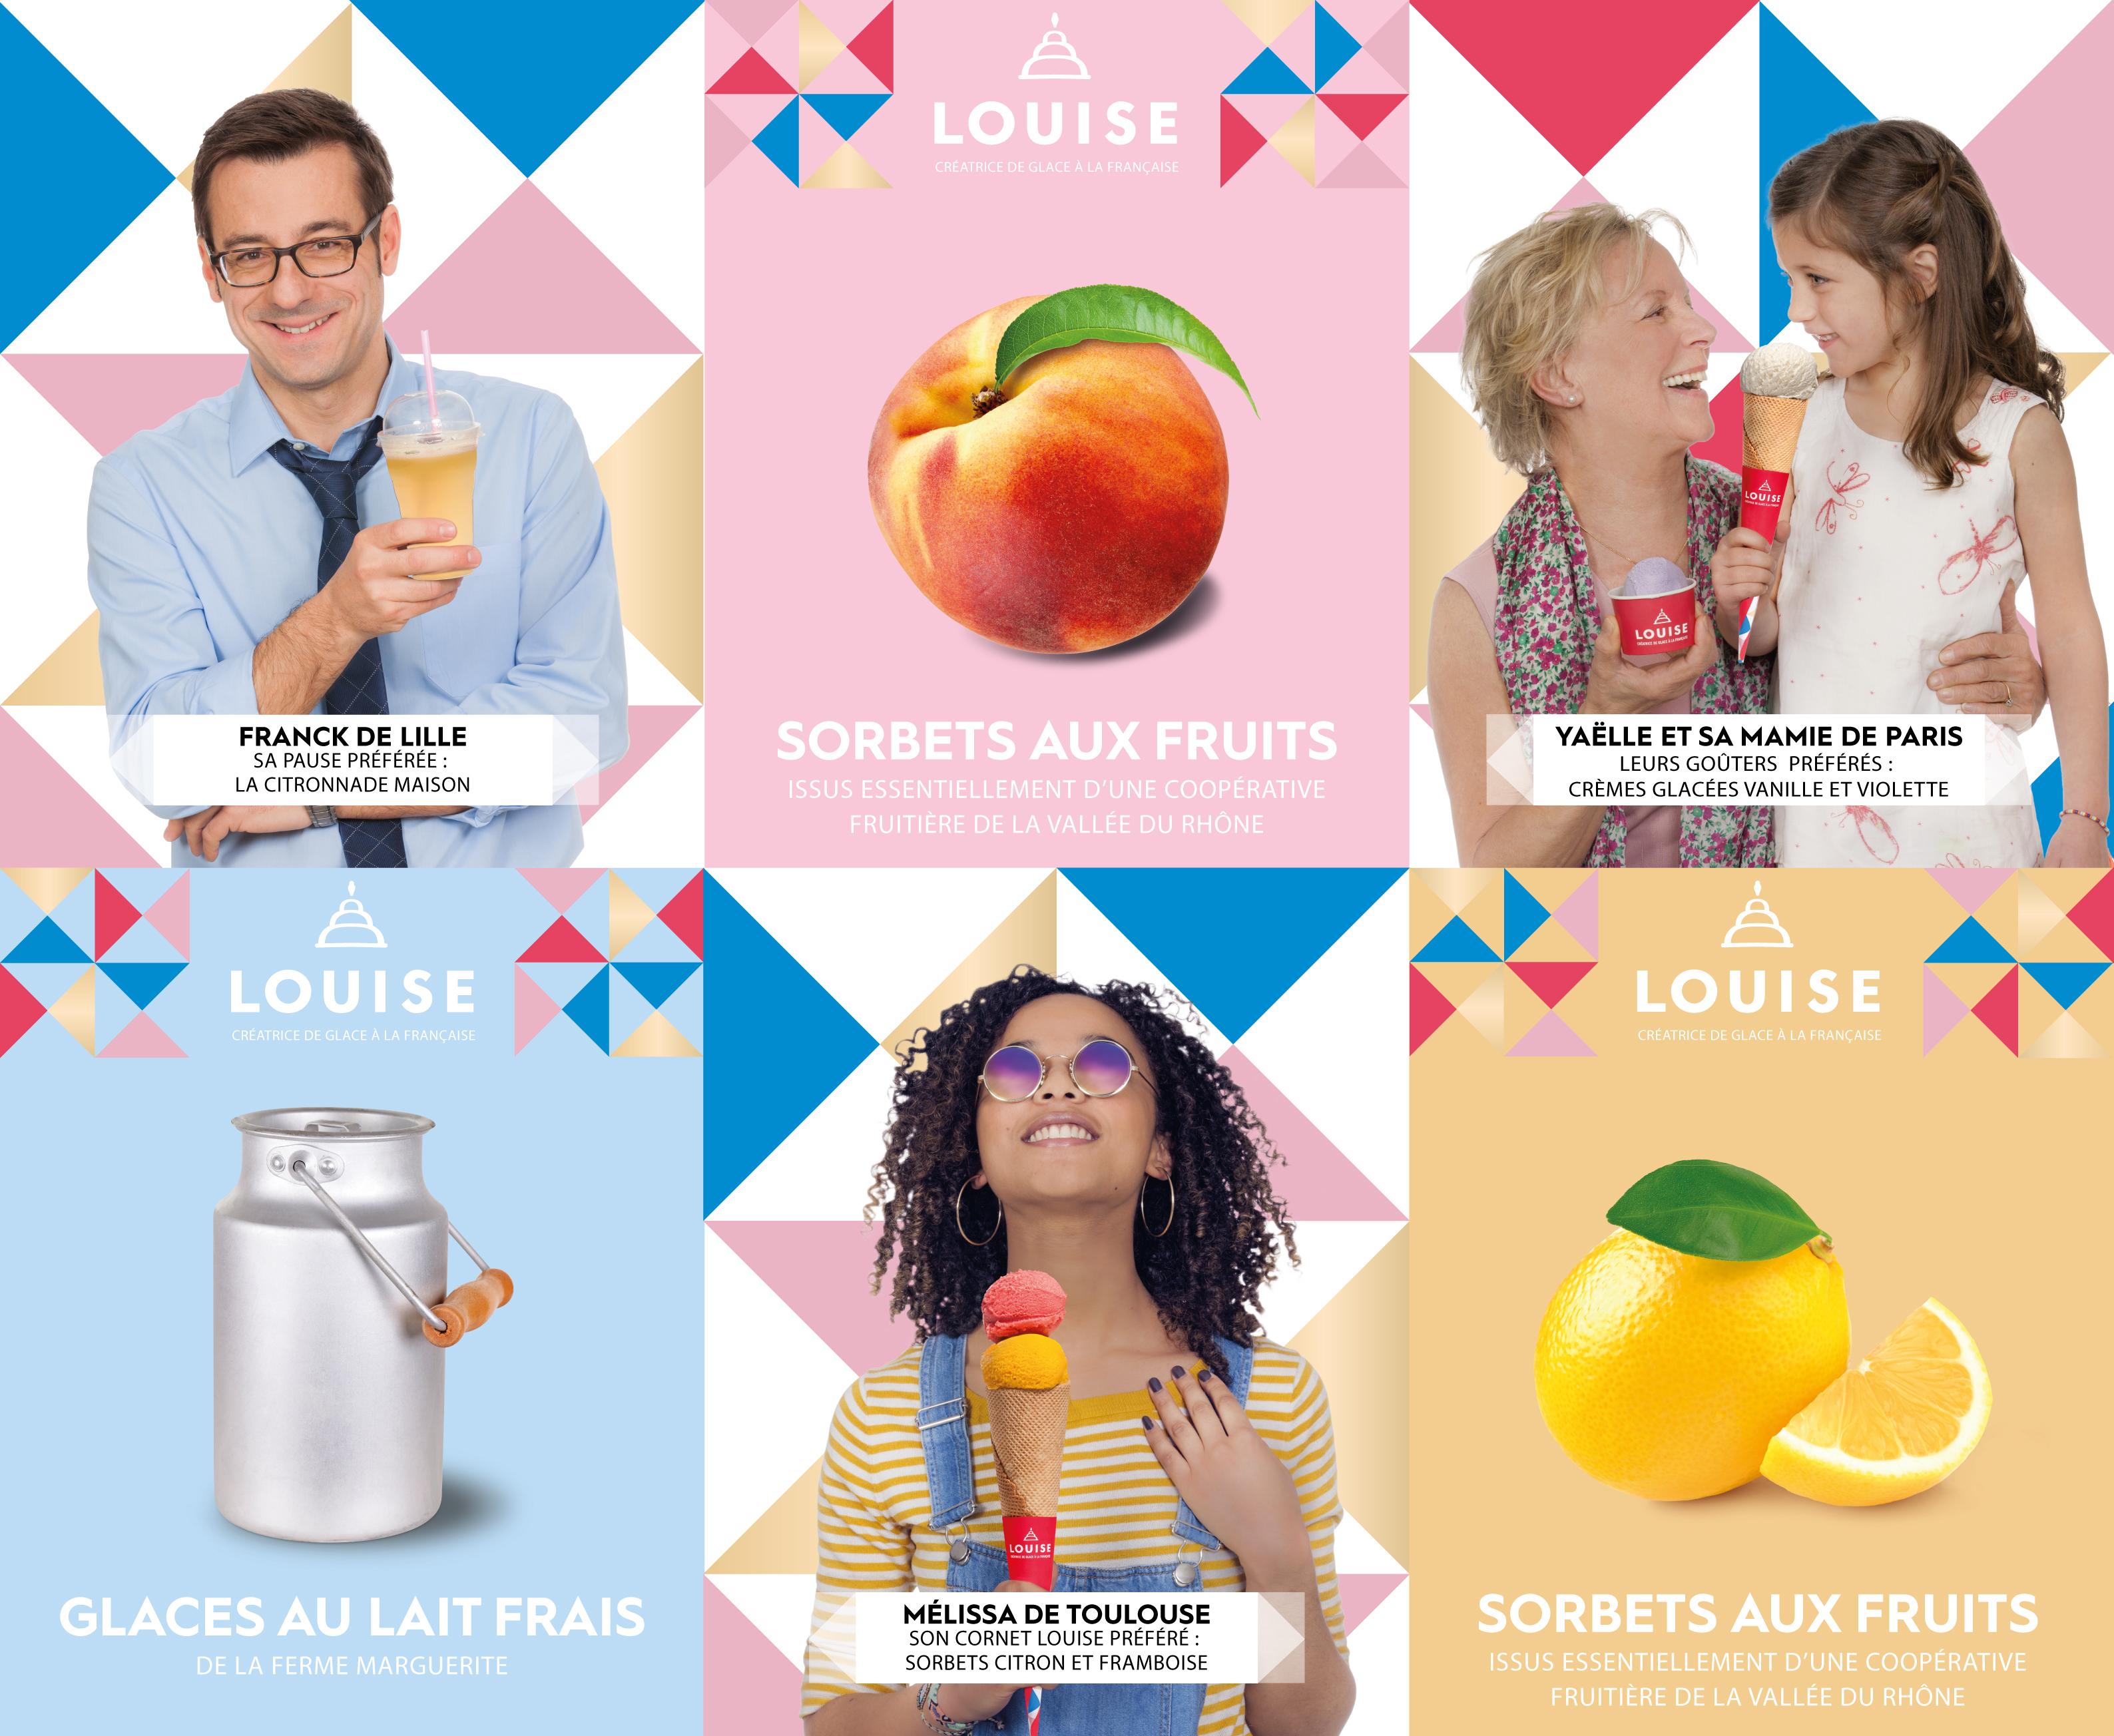 Ce week-end, Louise ouvrira deux nouveaux glaciers à Paris et Toulouse